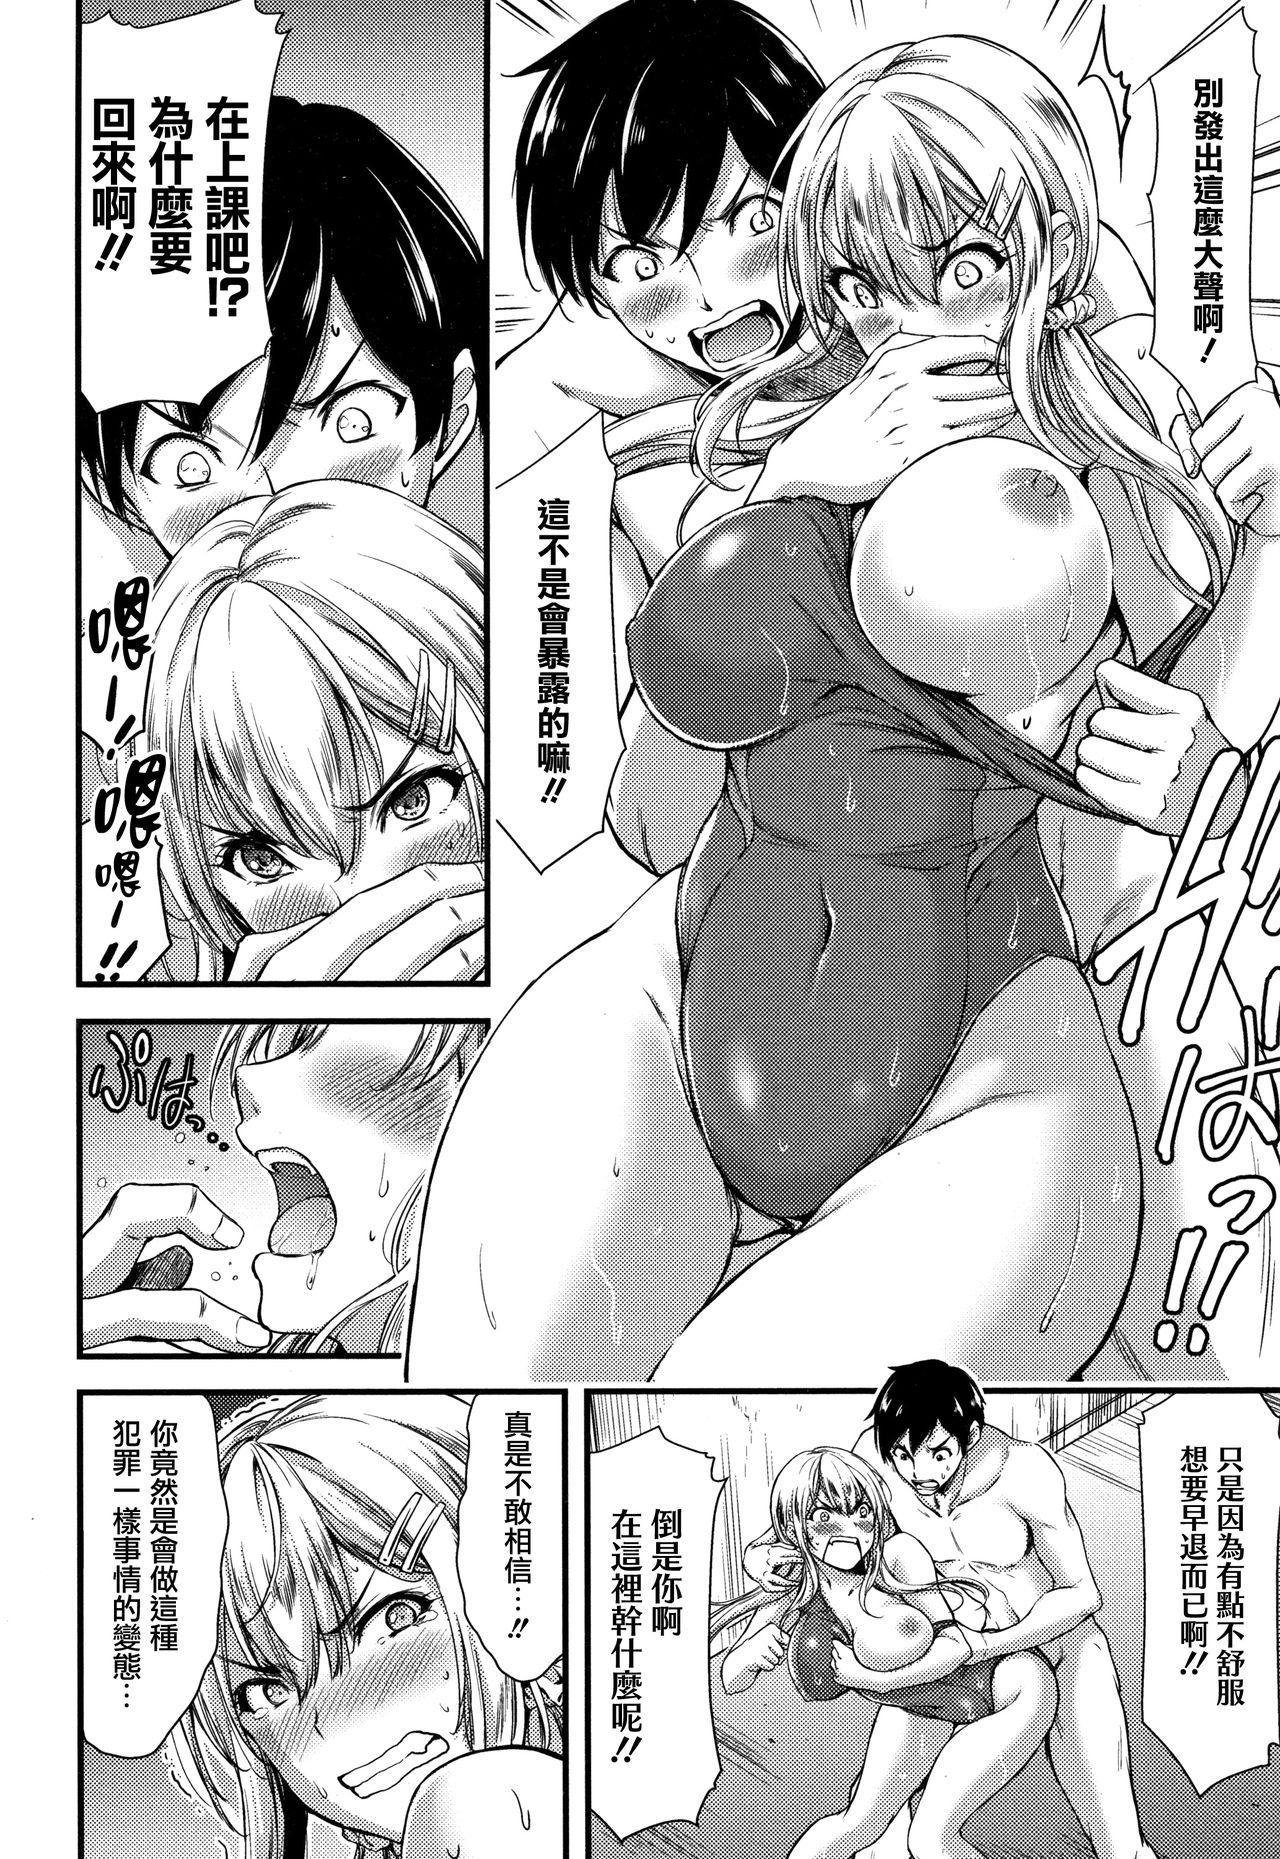 Nichijou Bitch Seitai Kansatsu 10